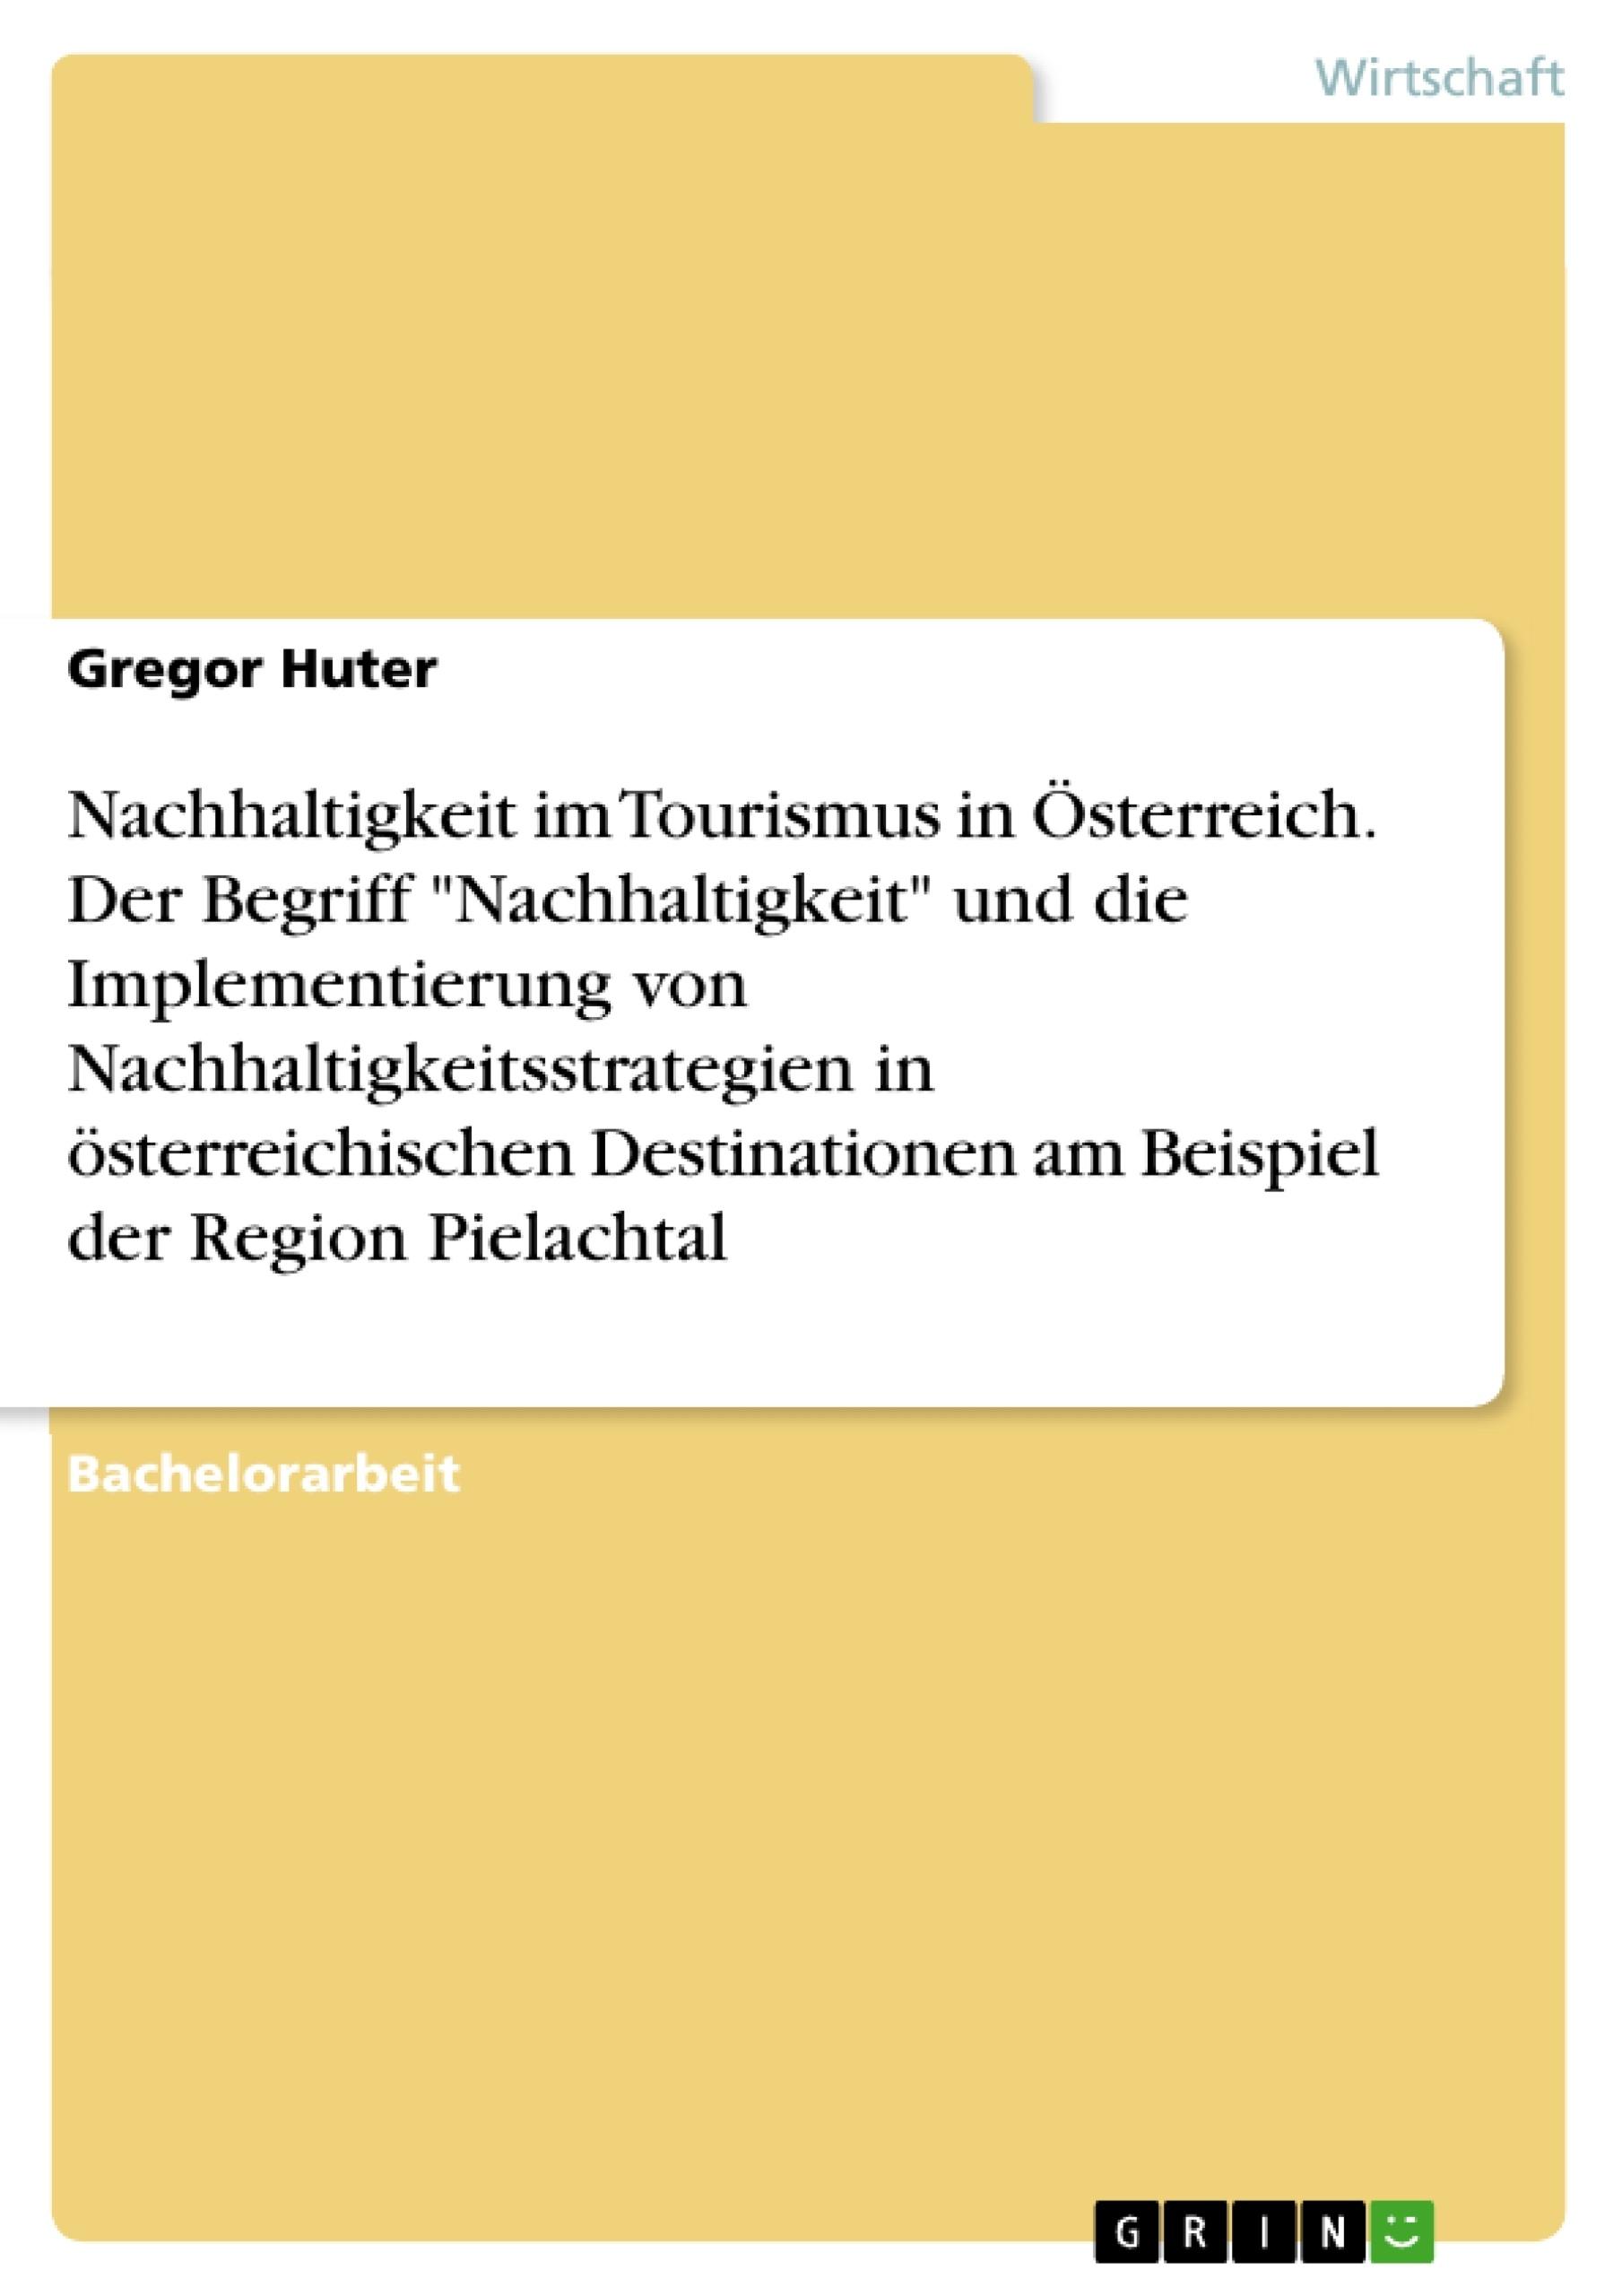 """Titel: Nachhaltigkeit im Tourismus in Österreich. Der Begriff """"Nachhaltigkeit"""" und die Implementierung von Nachhaltigkeitsstrategien in österreichischen Destinationen am Beispiel der Region Pielachtal"""